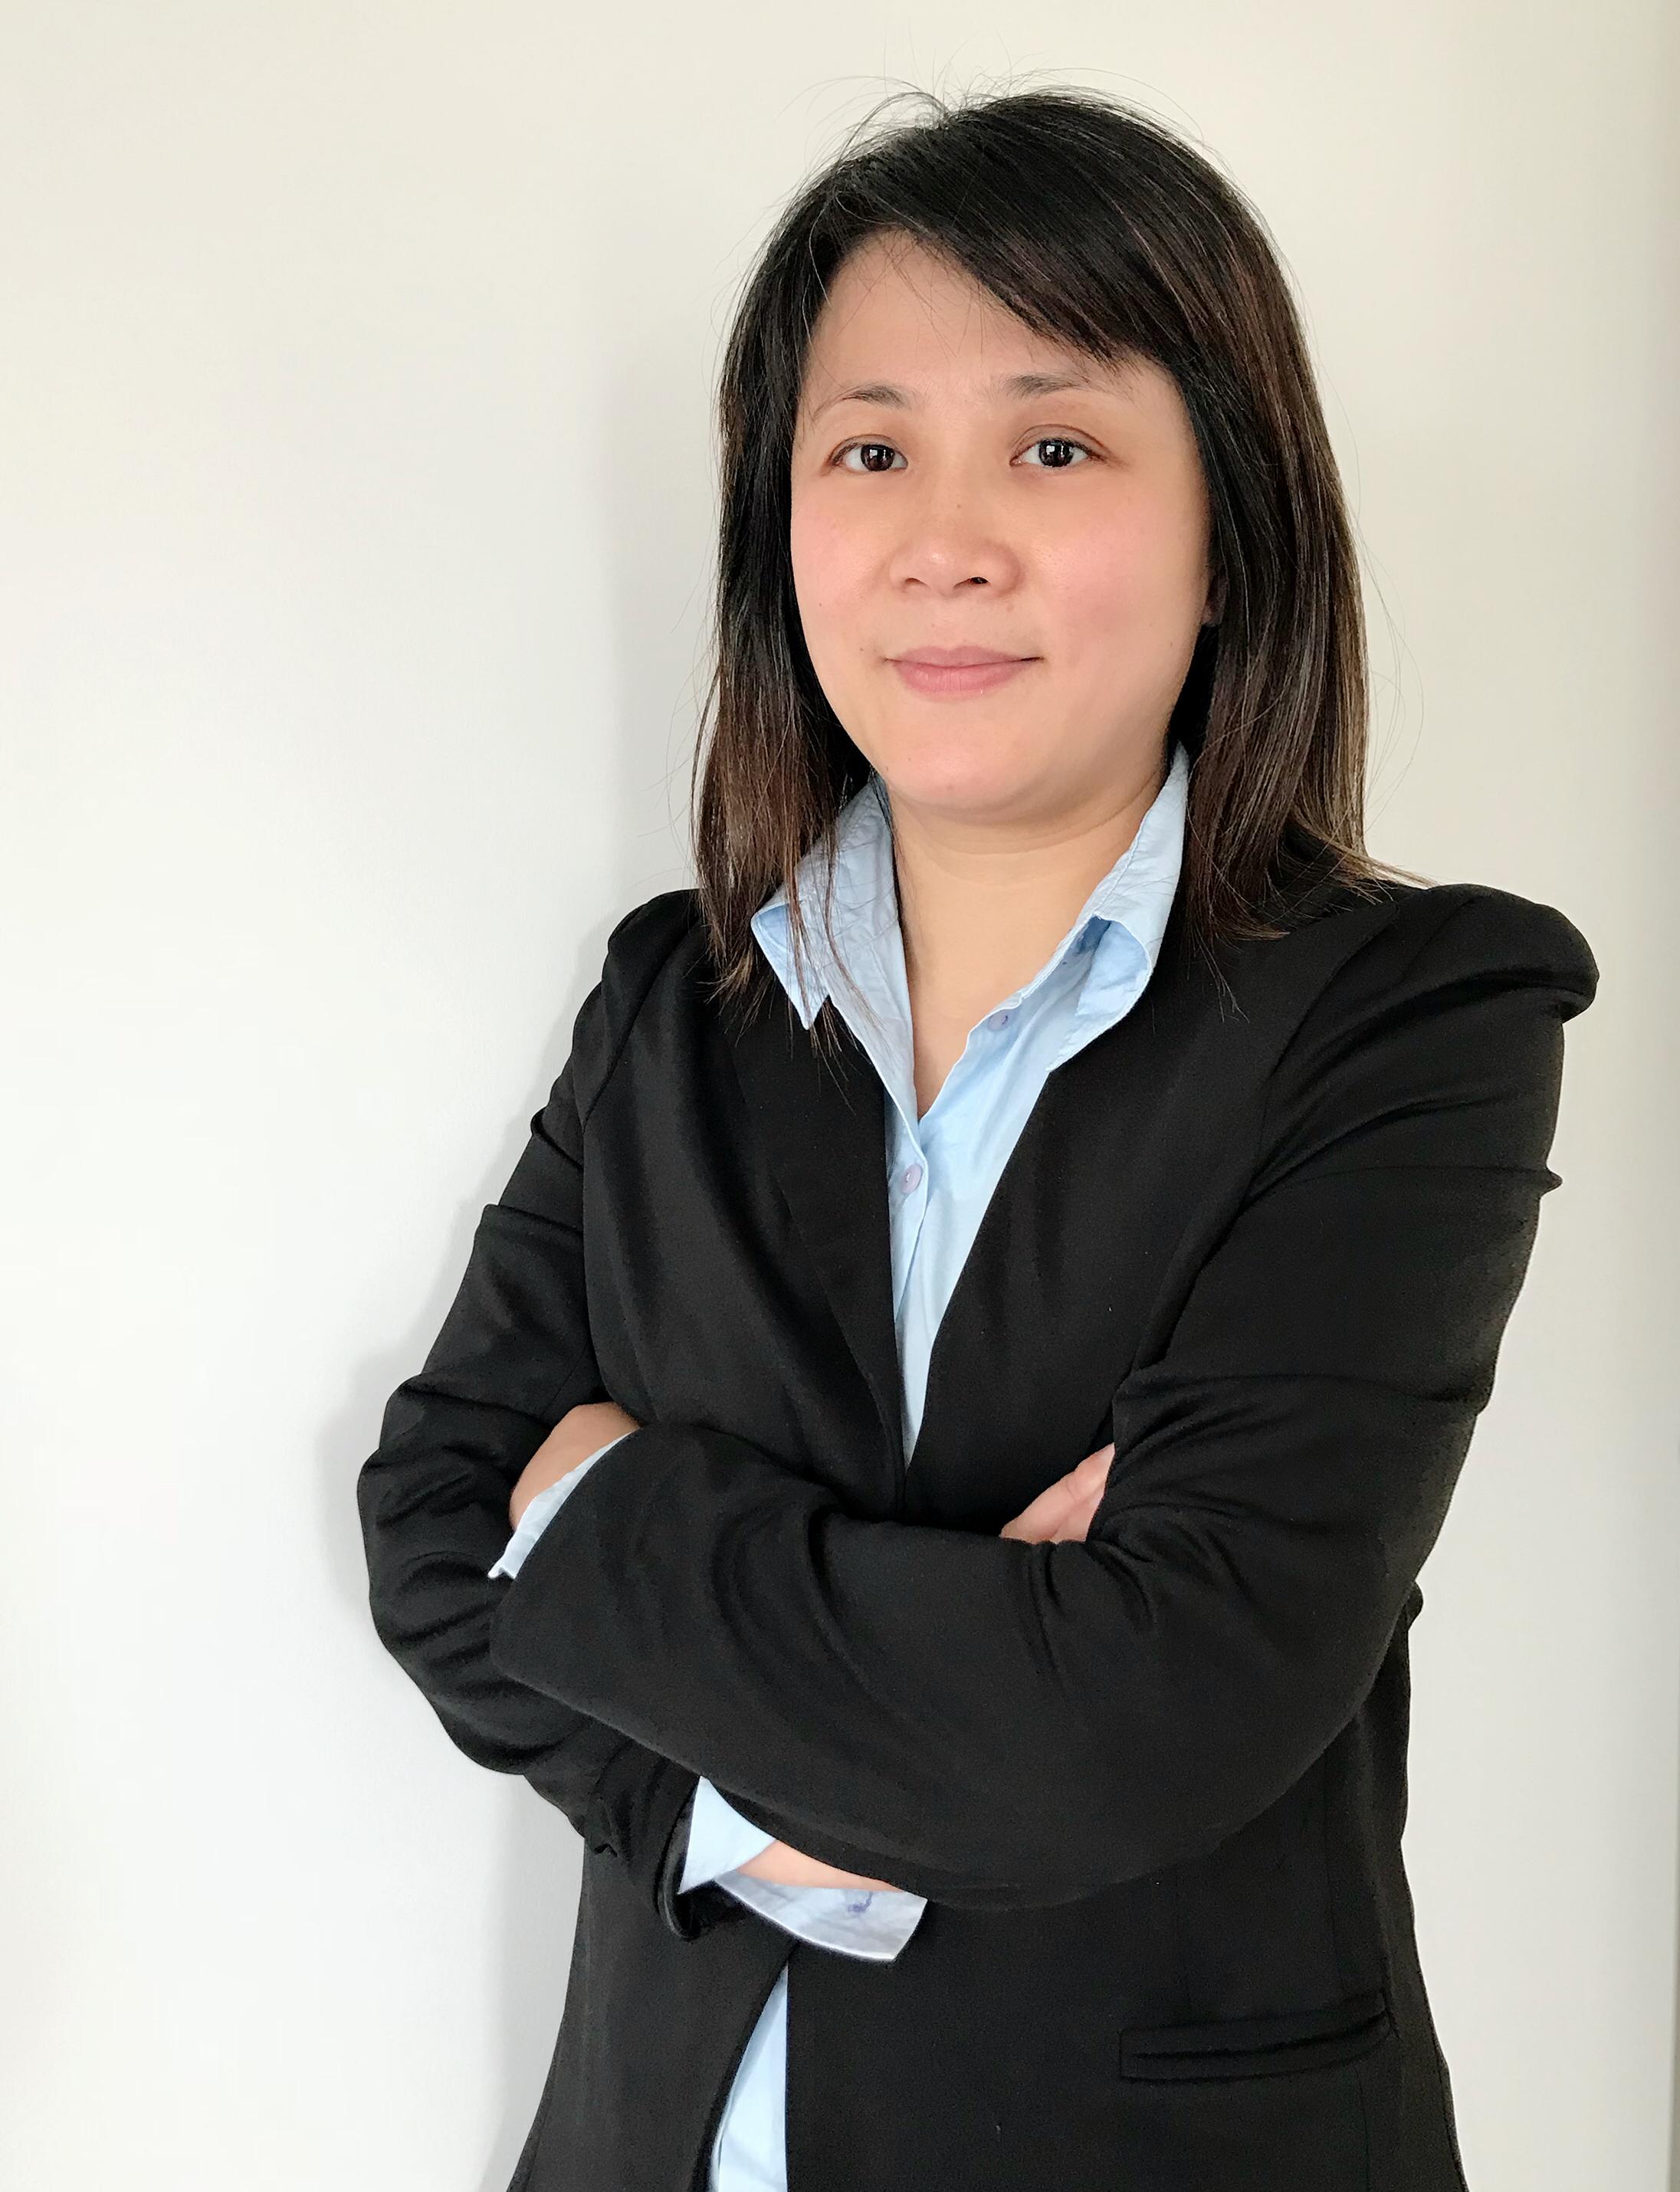 Joyce Wei